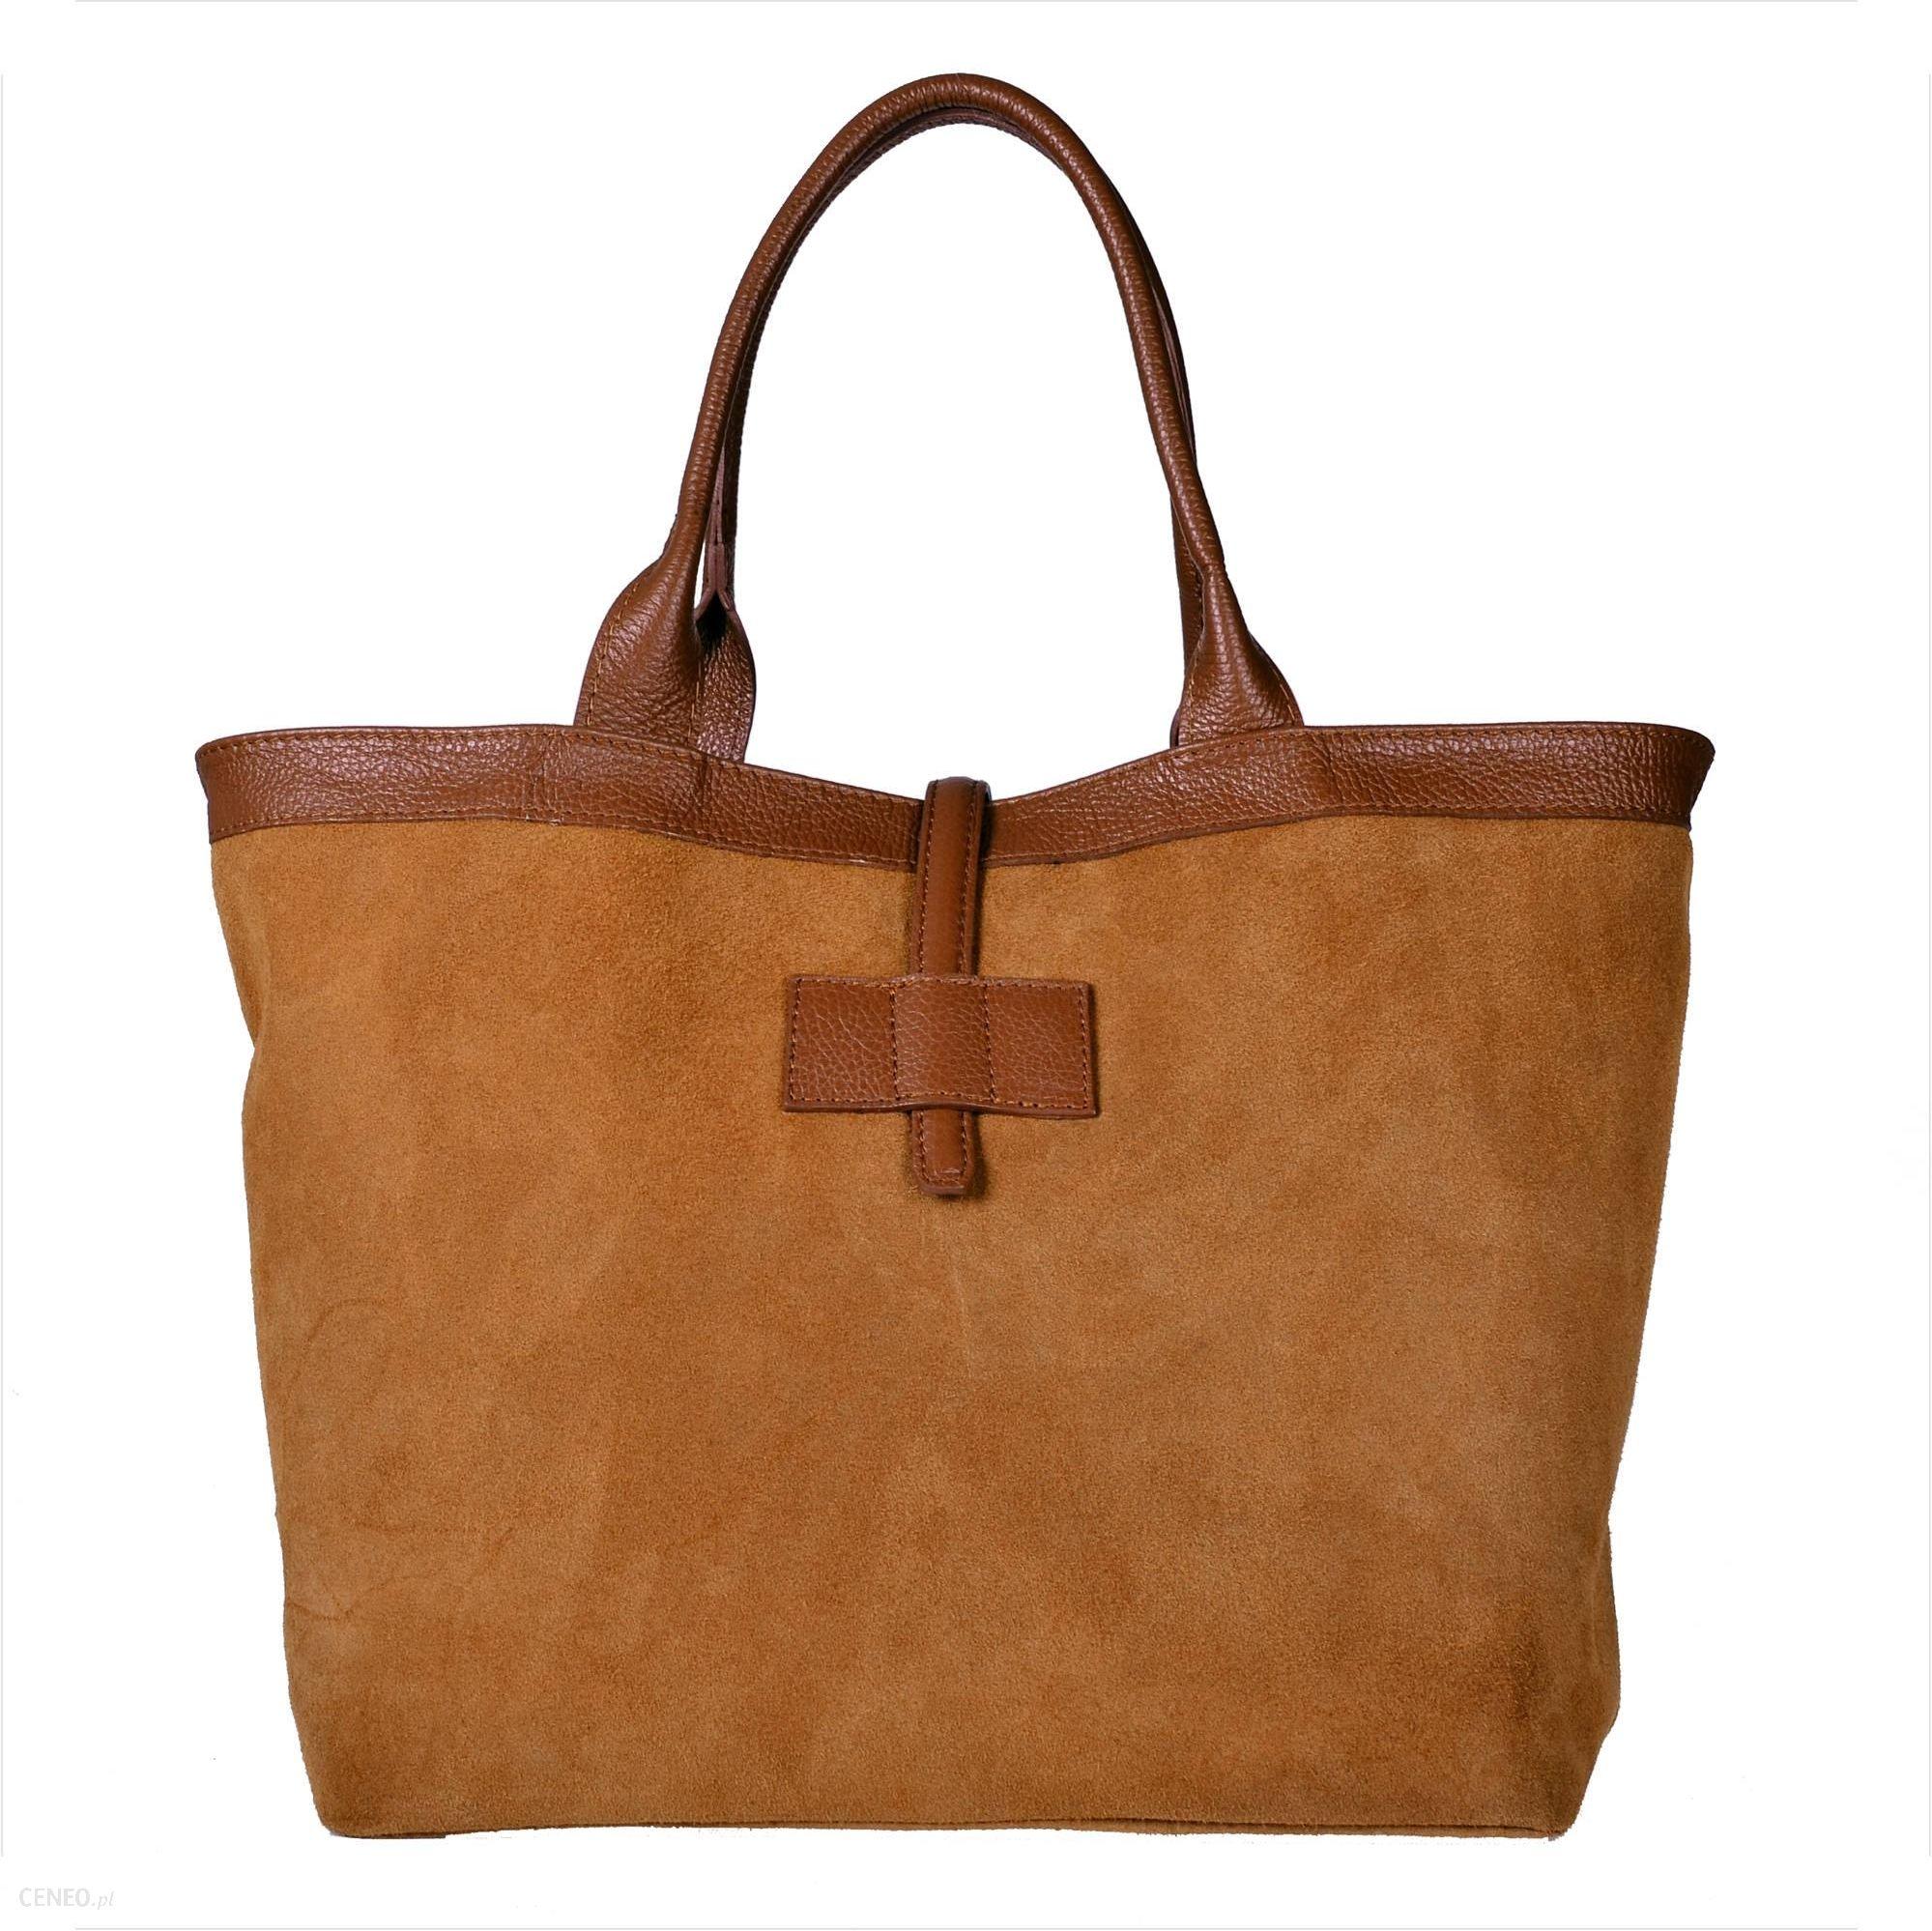 7581f45ce7da2 Nowy wzór torebka zamszowa shopper bag kolor musztardowy - Ceny i ...